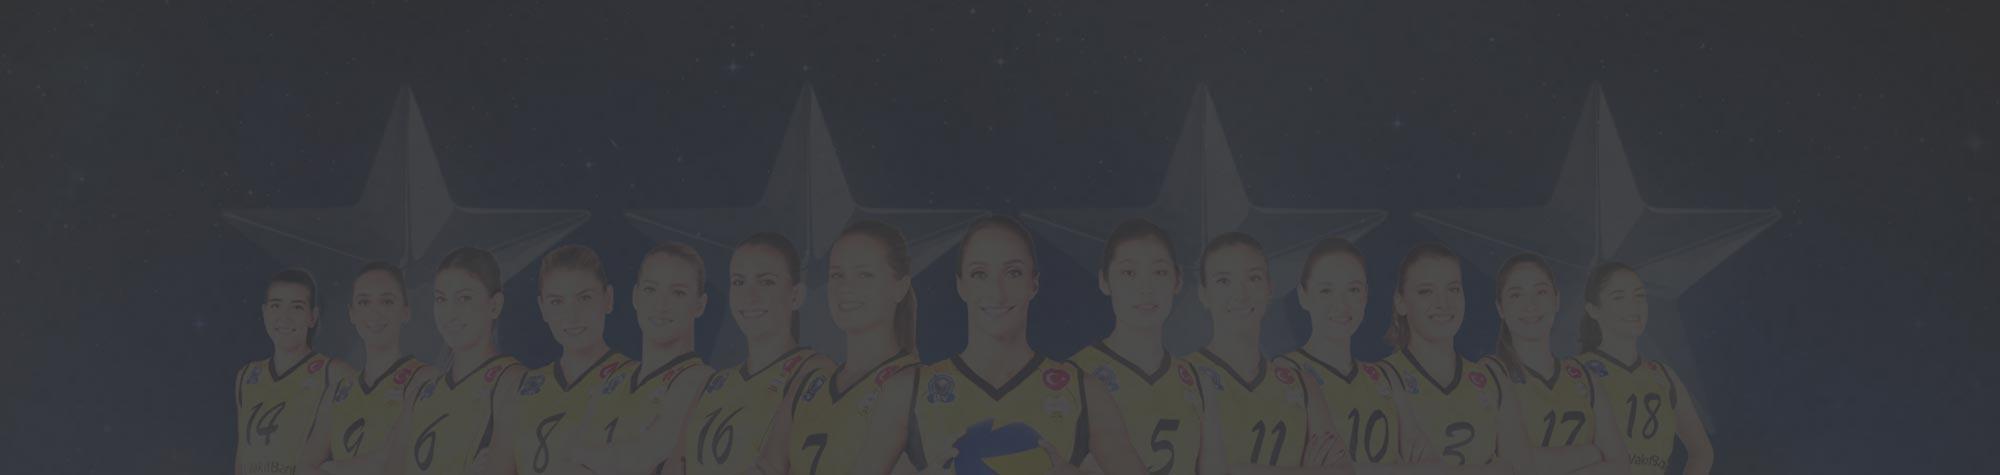 Spor Sosyal Medya İçerik Üretimi: VakıfBank Voleybol Takımı